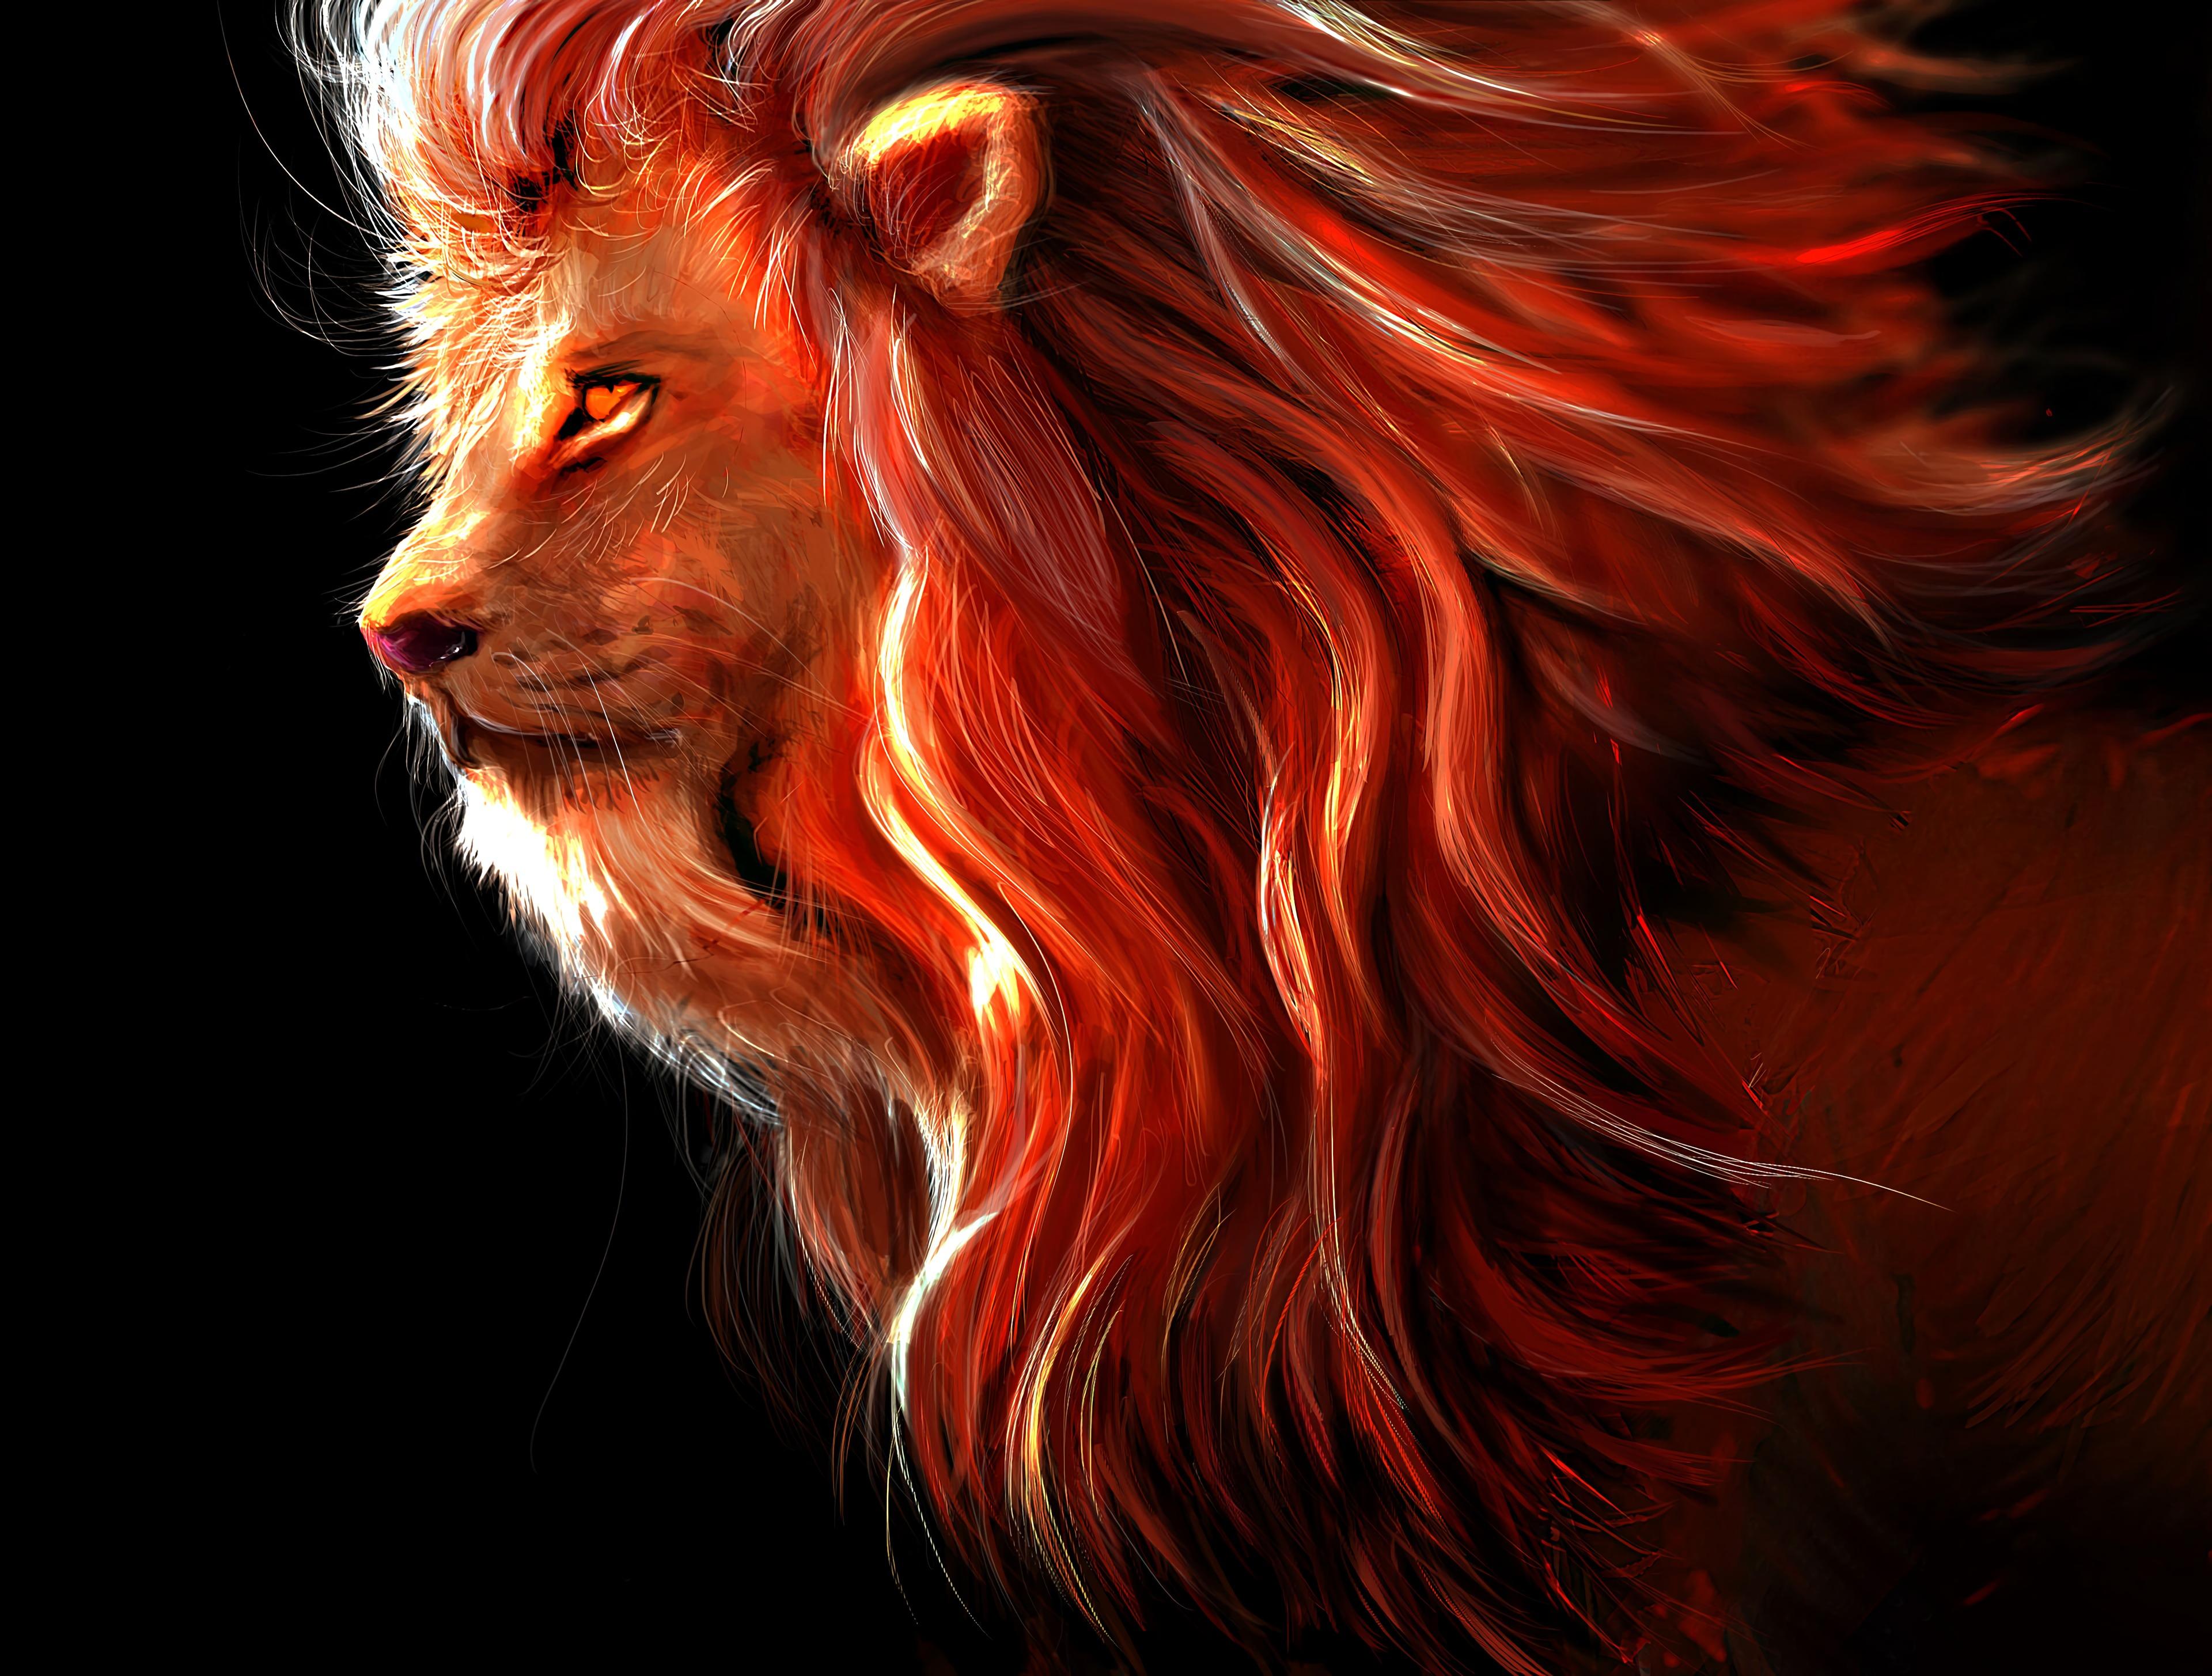 78147 Hintergrundbild herunterladen Kunst, Ein Löwe, Löwe, Raubtier, Predator, Große Katze, Big Cat, König Der Bestien - Bildschirmschoner und Bilder kostenlos